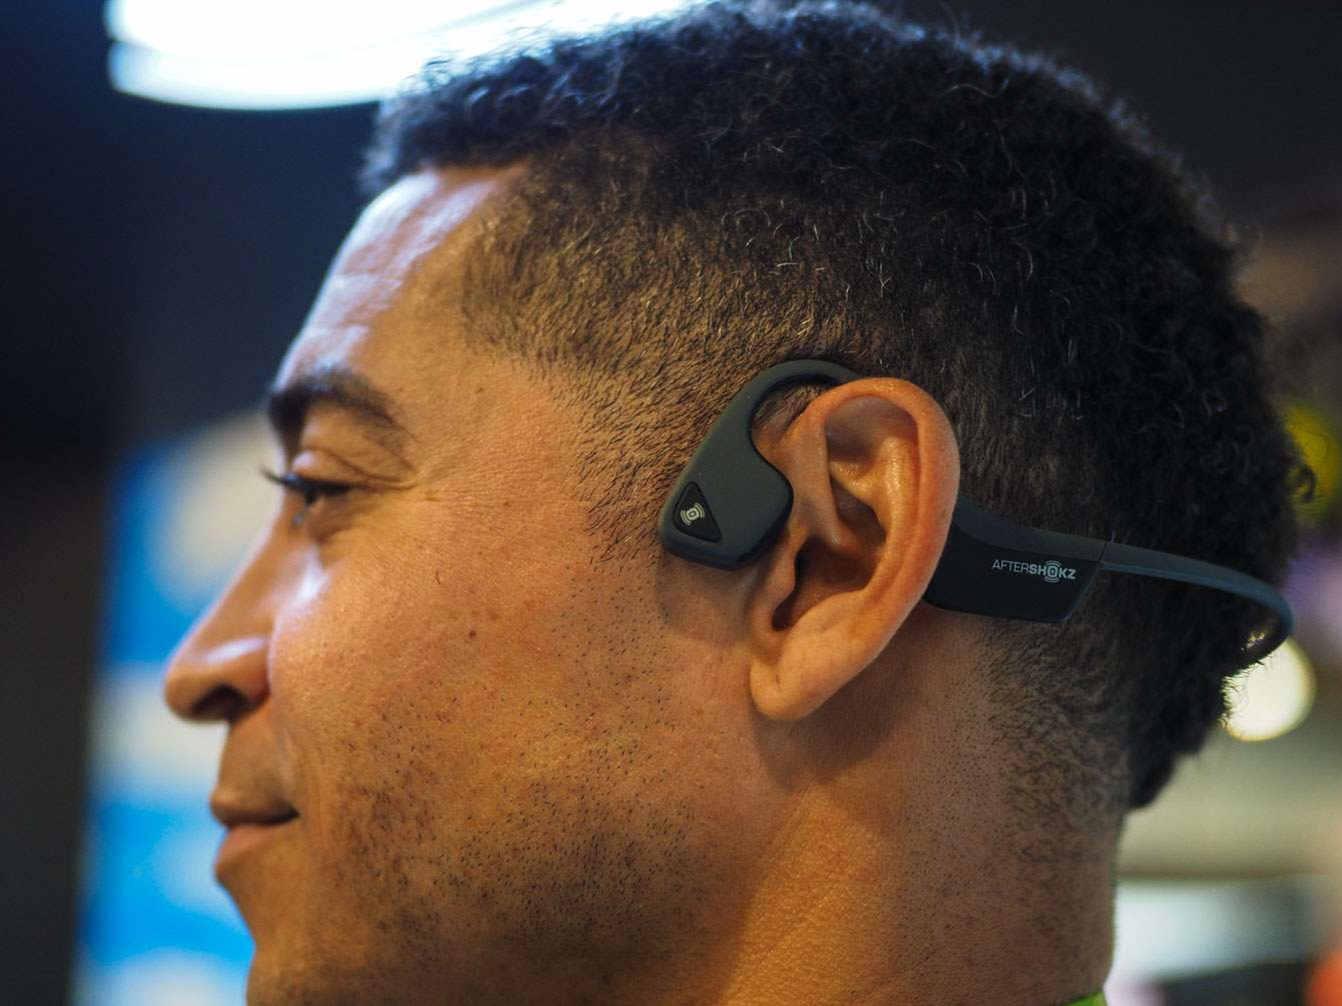 骨传导耳机对大脑危害是真的吗_骨传导耳机危害有哪些